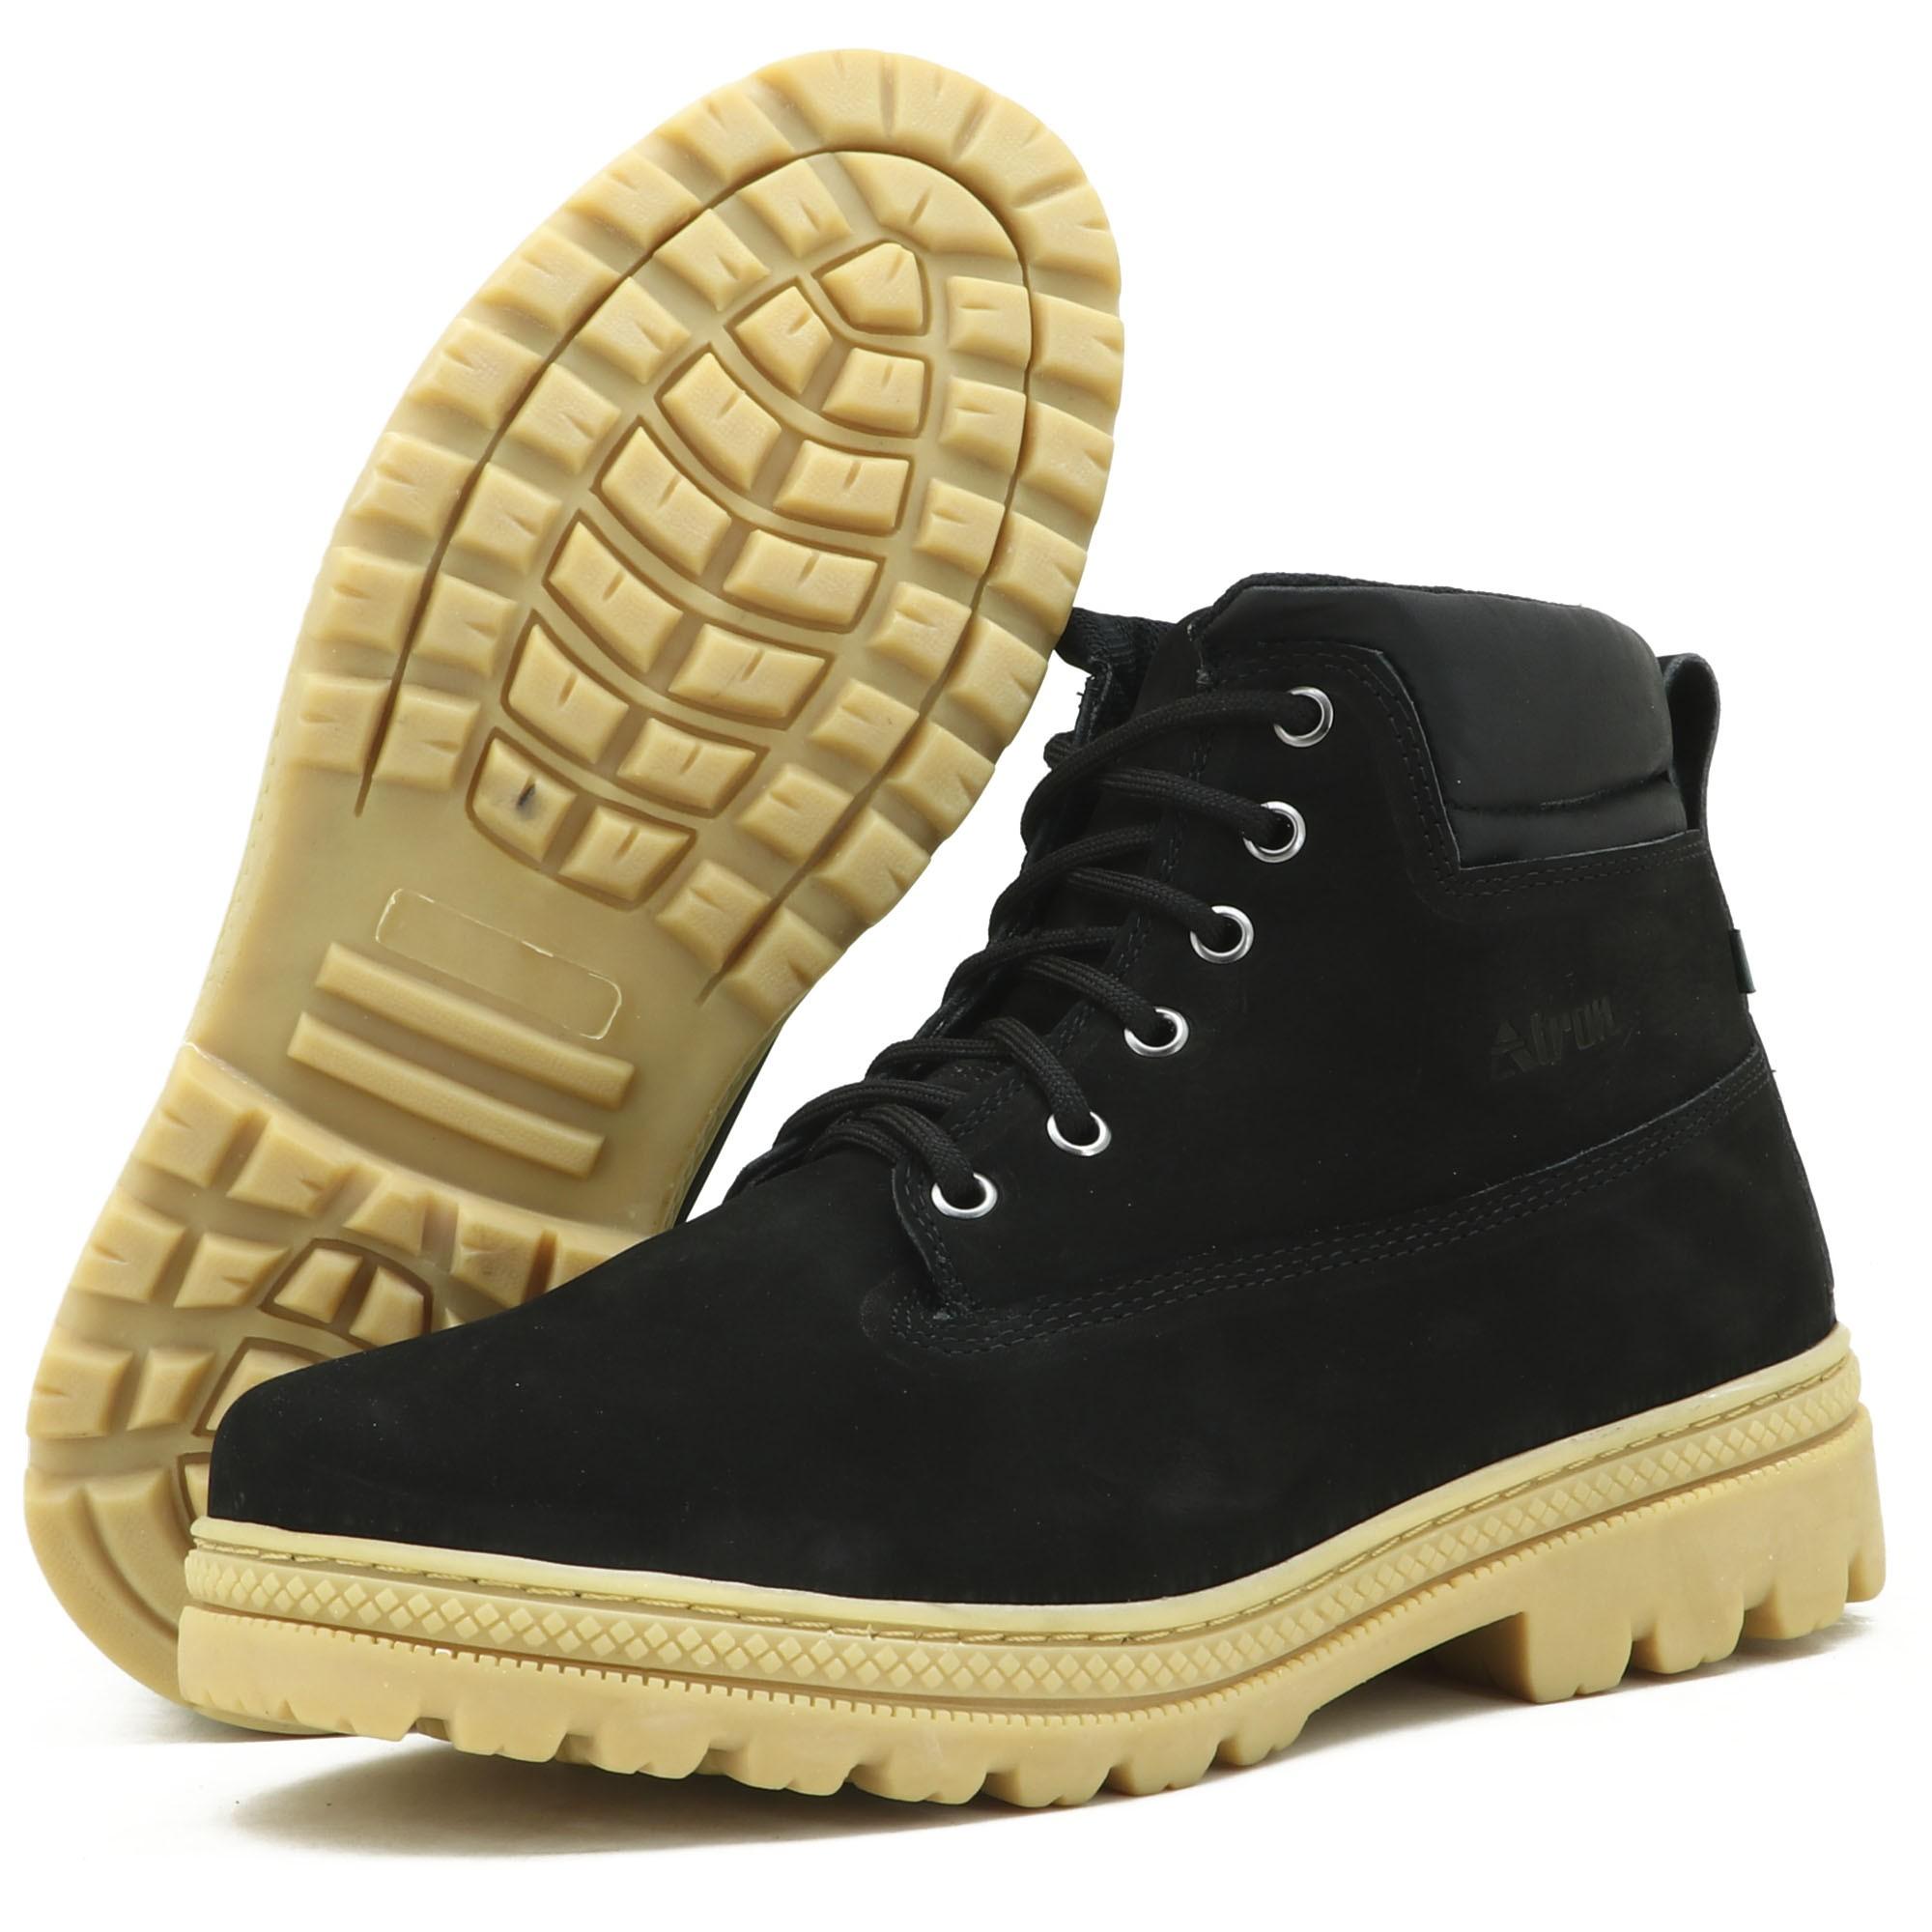 Coturno adventure para trilha em couro legítimo na cor preta kit com chinelo e carteira 256